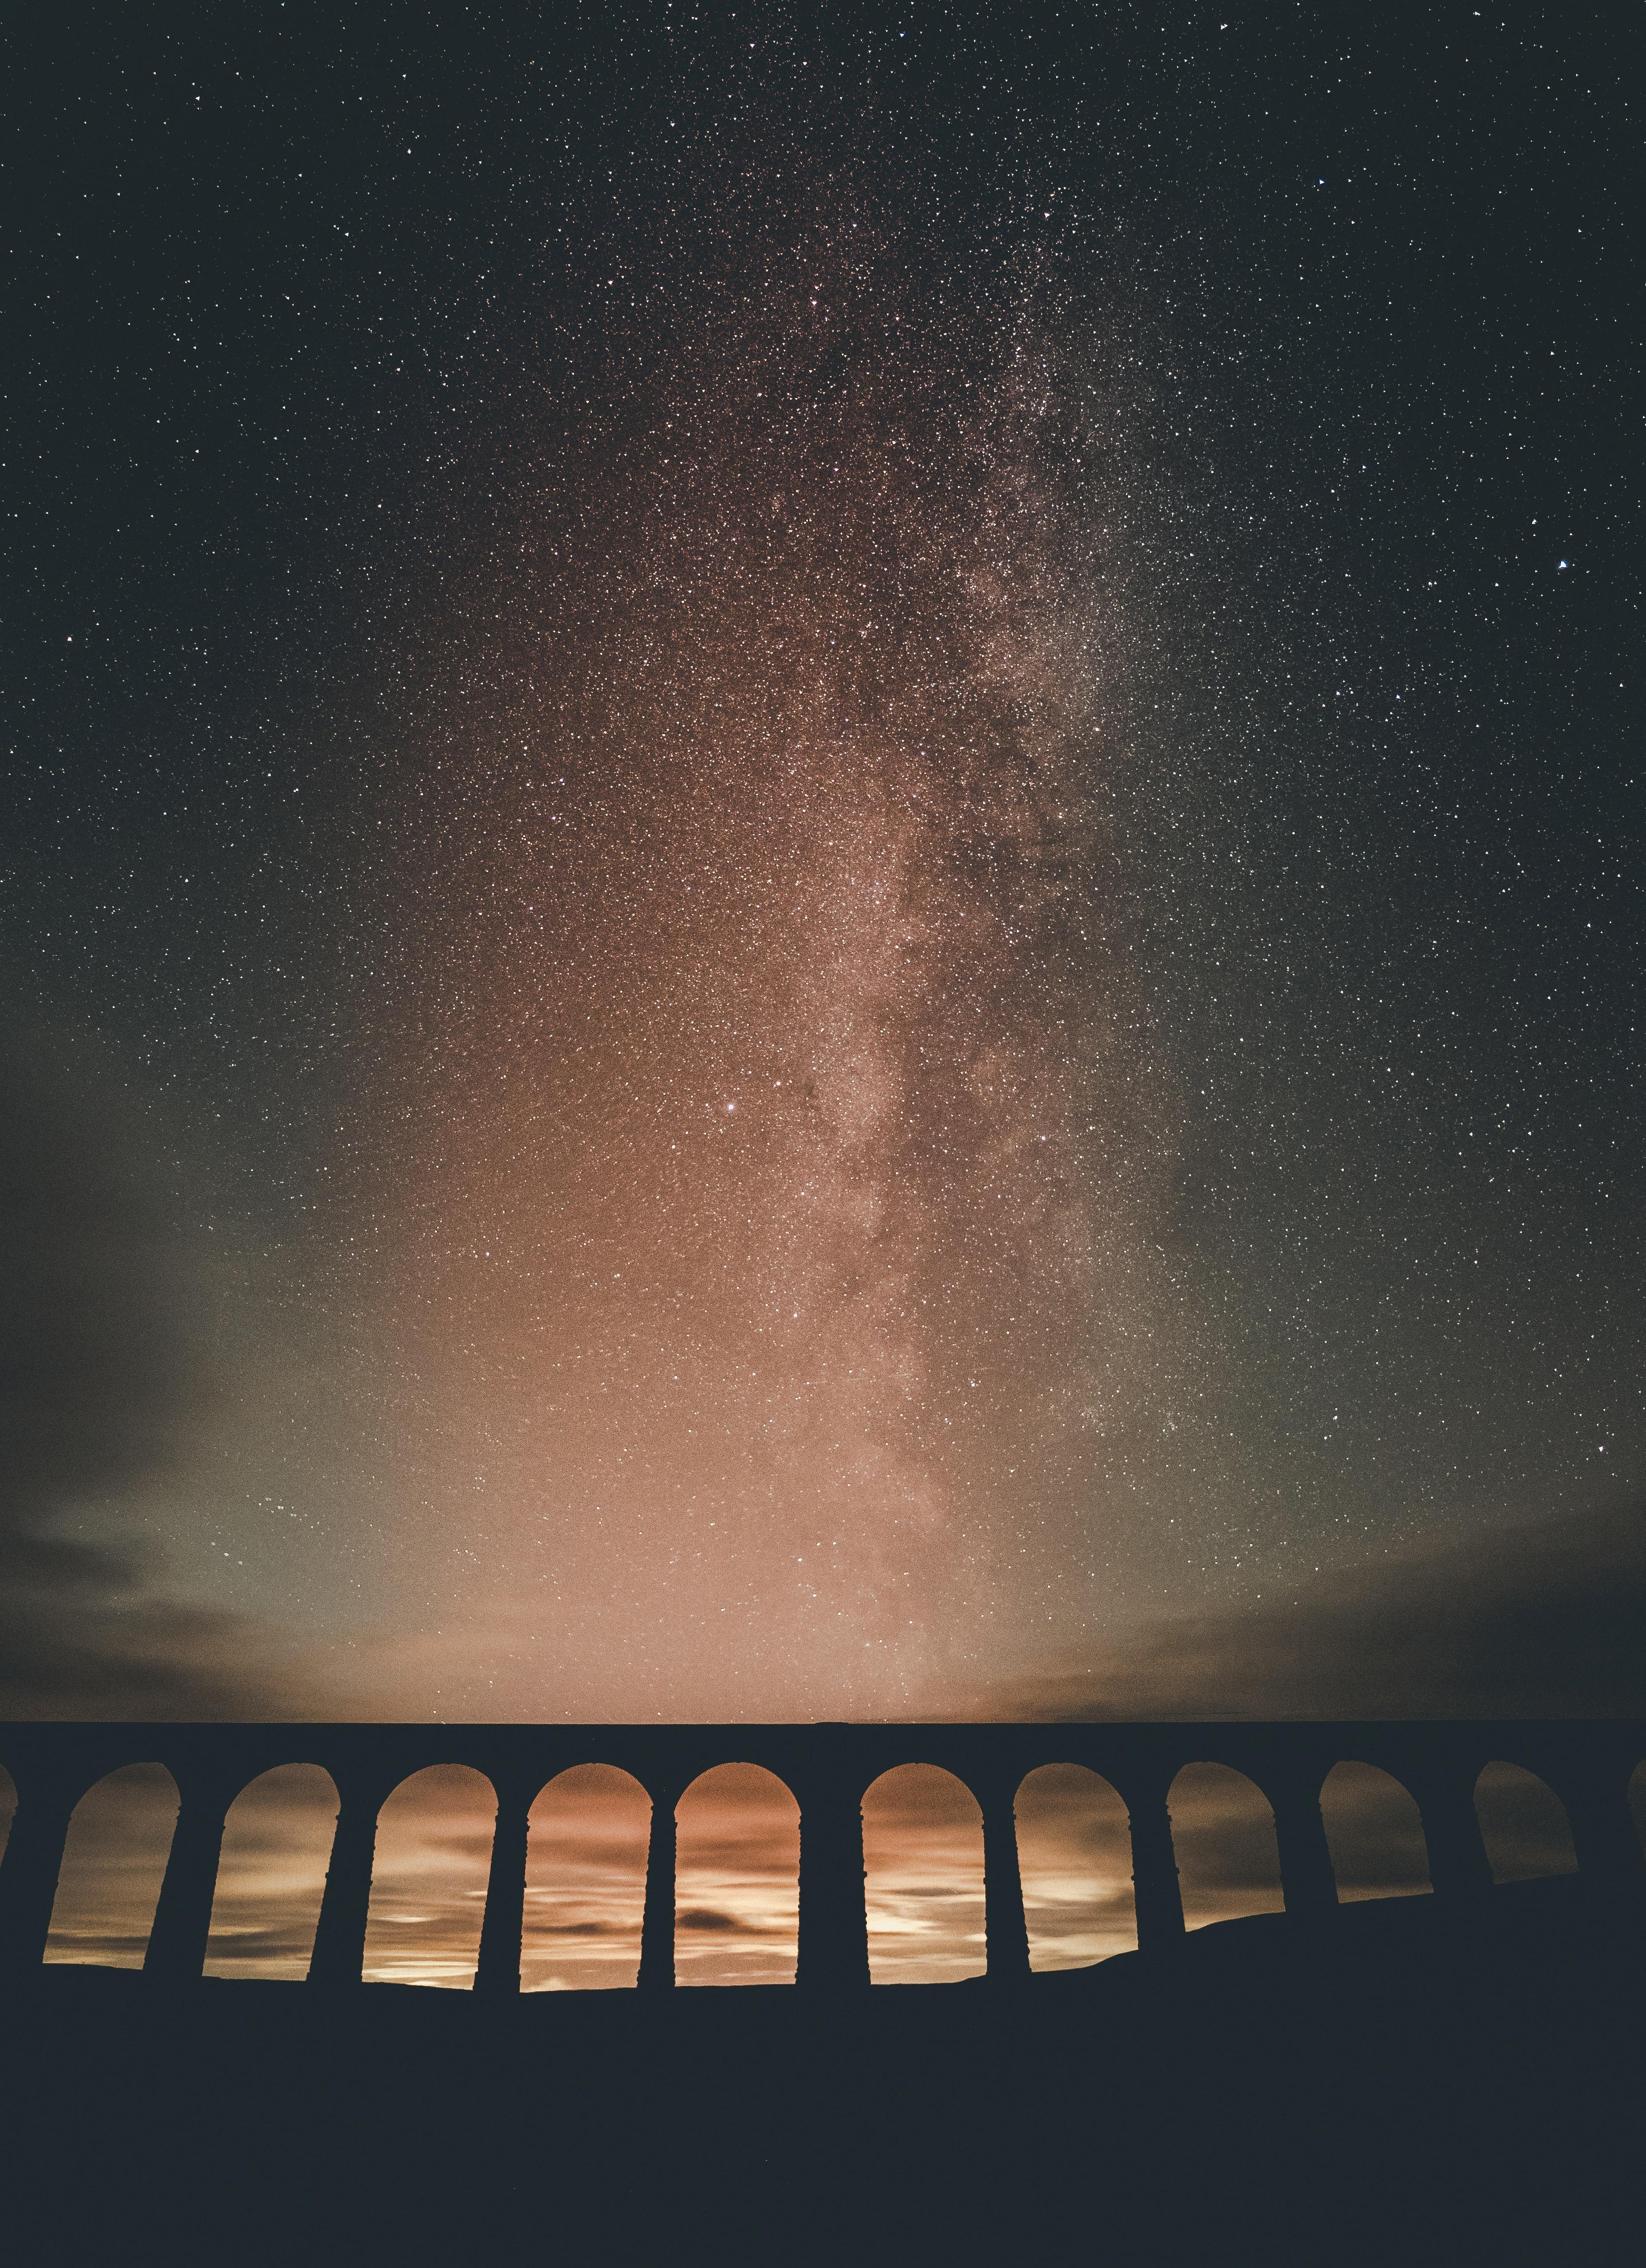 132629 скачать обои Темные, Здание, Арка, Туманность, Звездное Небо, Ночь, Звезды - заставки и картинки бесплатно